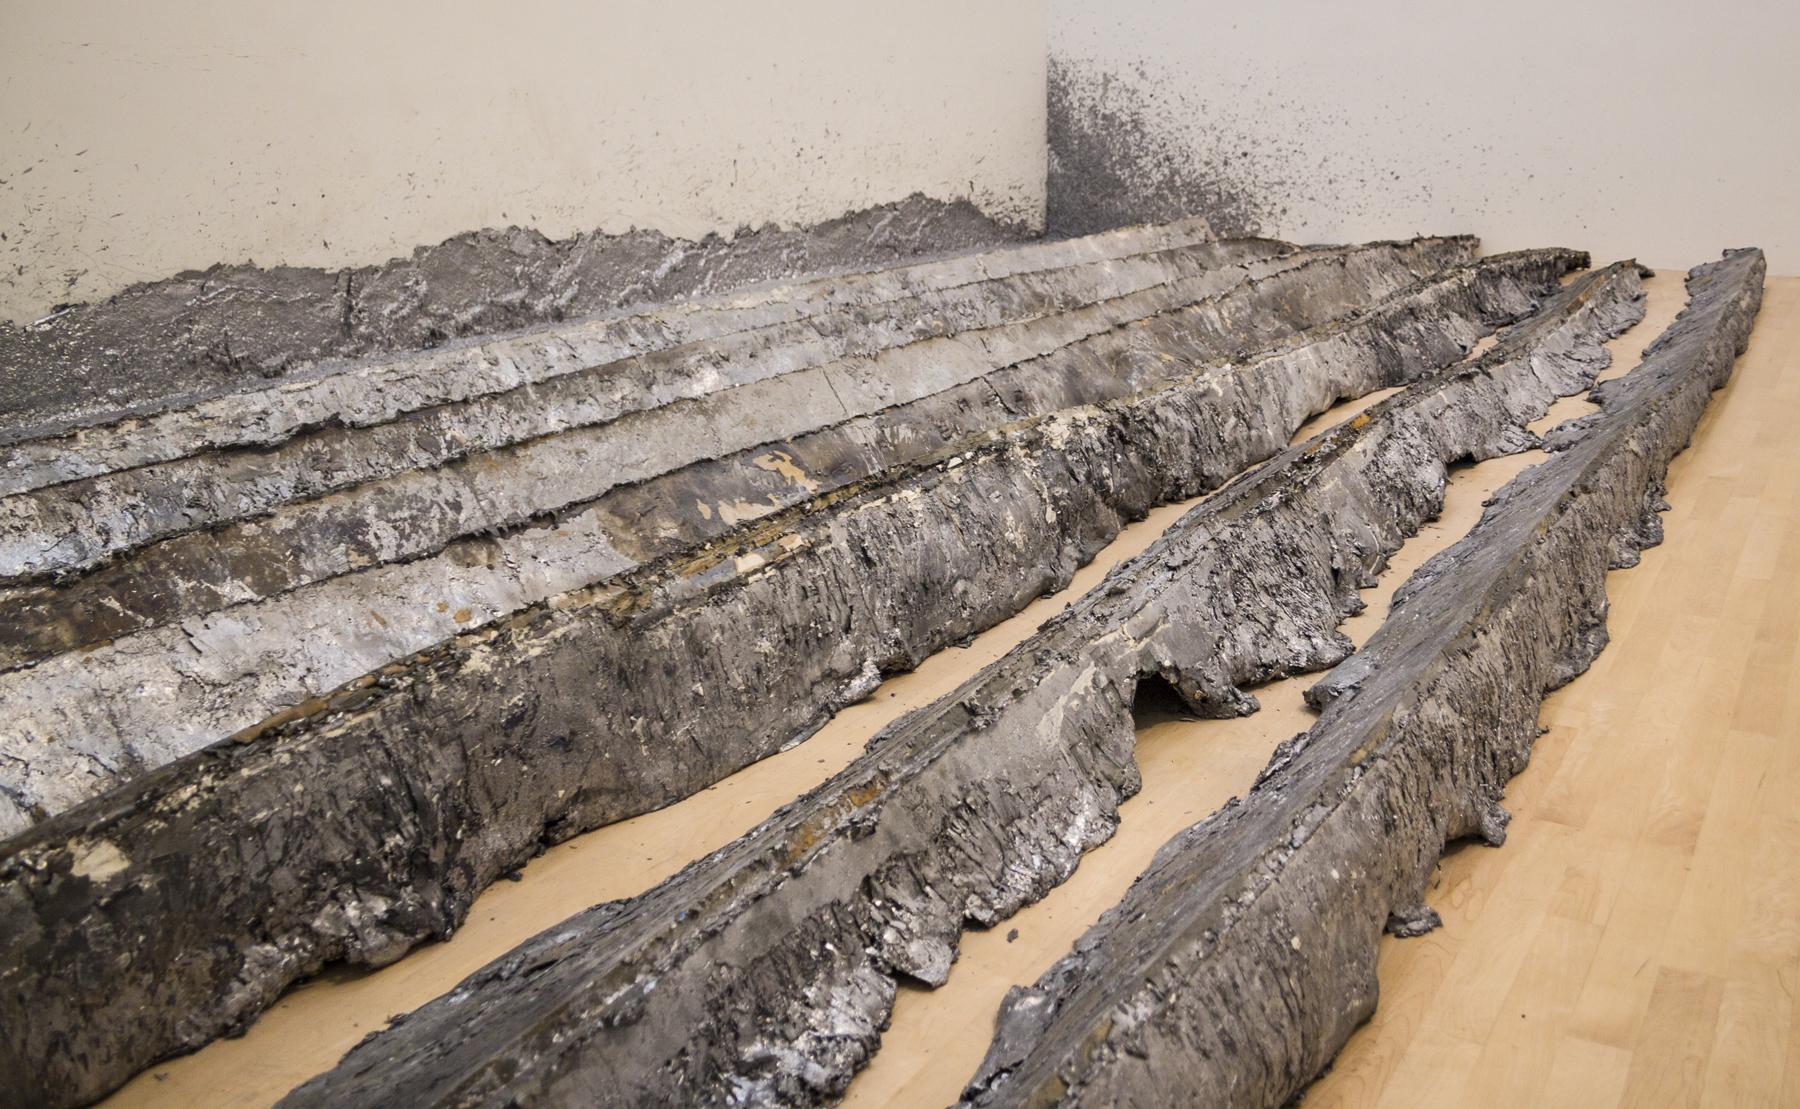 14. Splash/ Cast moldes de plomo una vez retirados y expuestos junto a la pared. Foto: Saul Rosenfield, © 2010, with permission of San Francisco Museum of Modern Art and the Studio of Richard Serra.